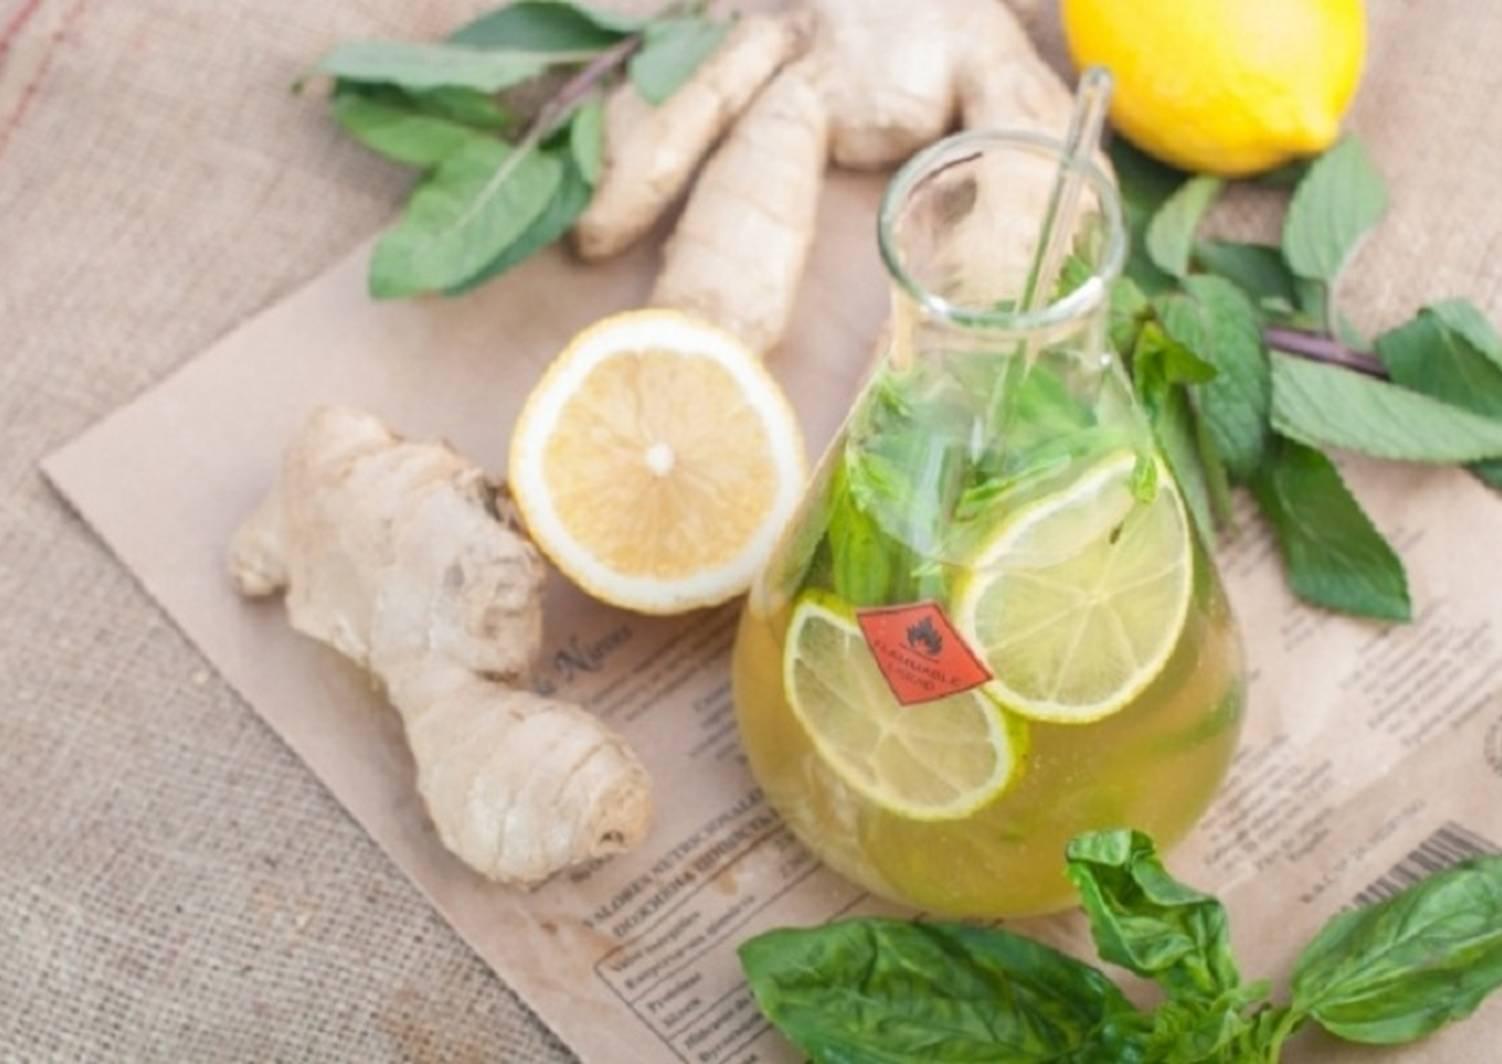 Как приготовить имбирный лимонад в домашних условиях